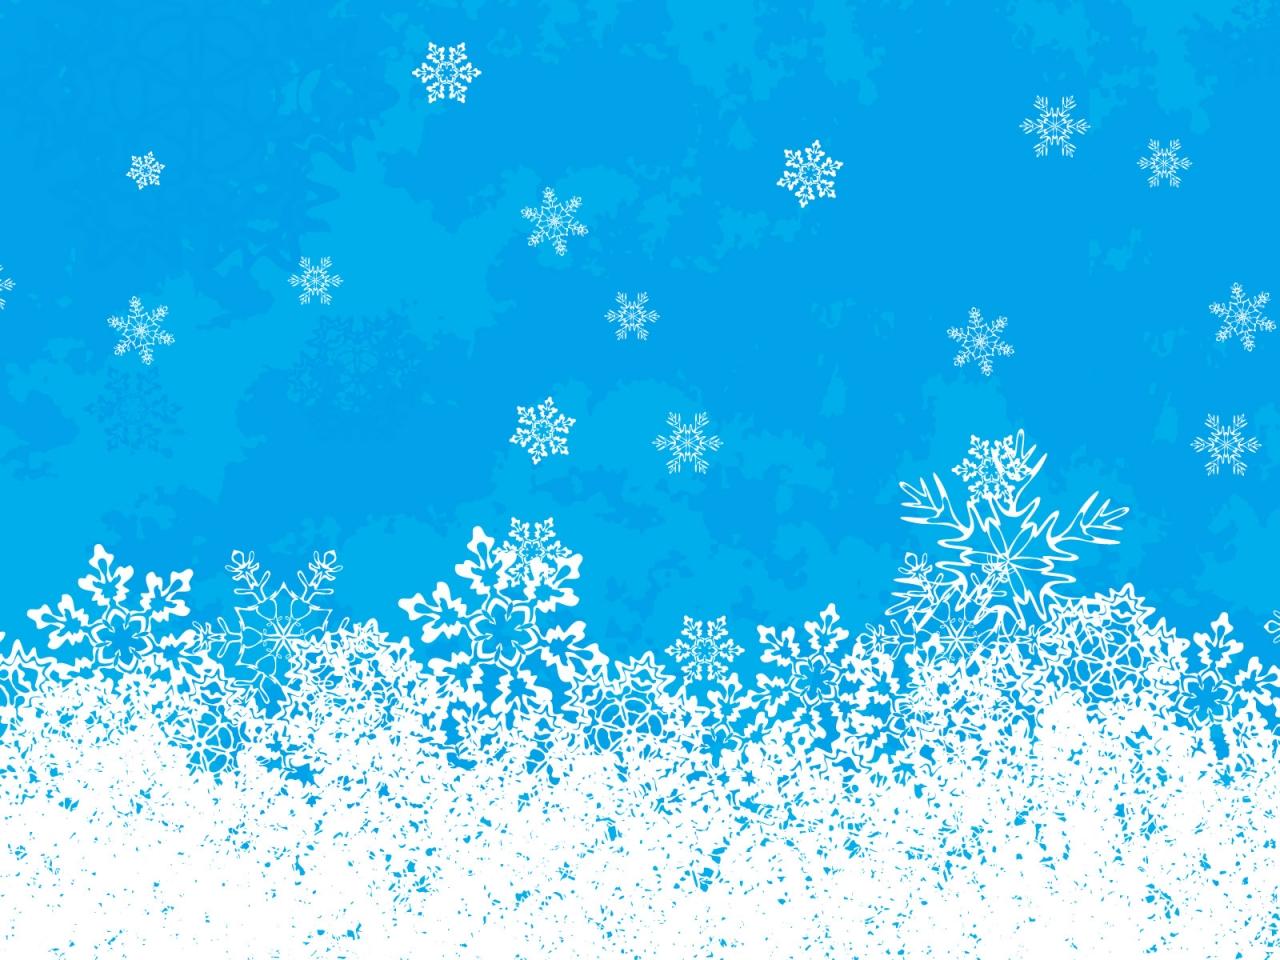 Fondo celeste con nieve en navidad - 1280x960